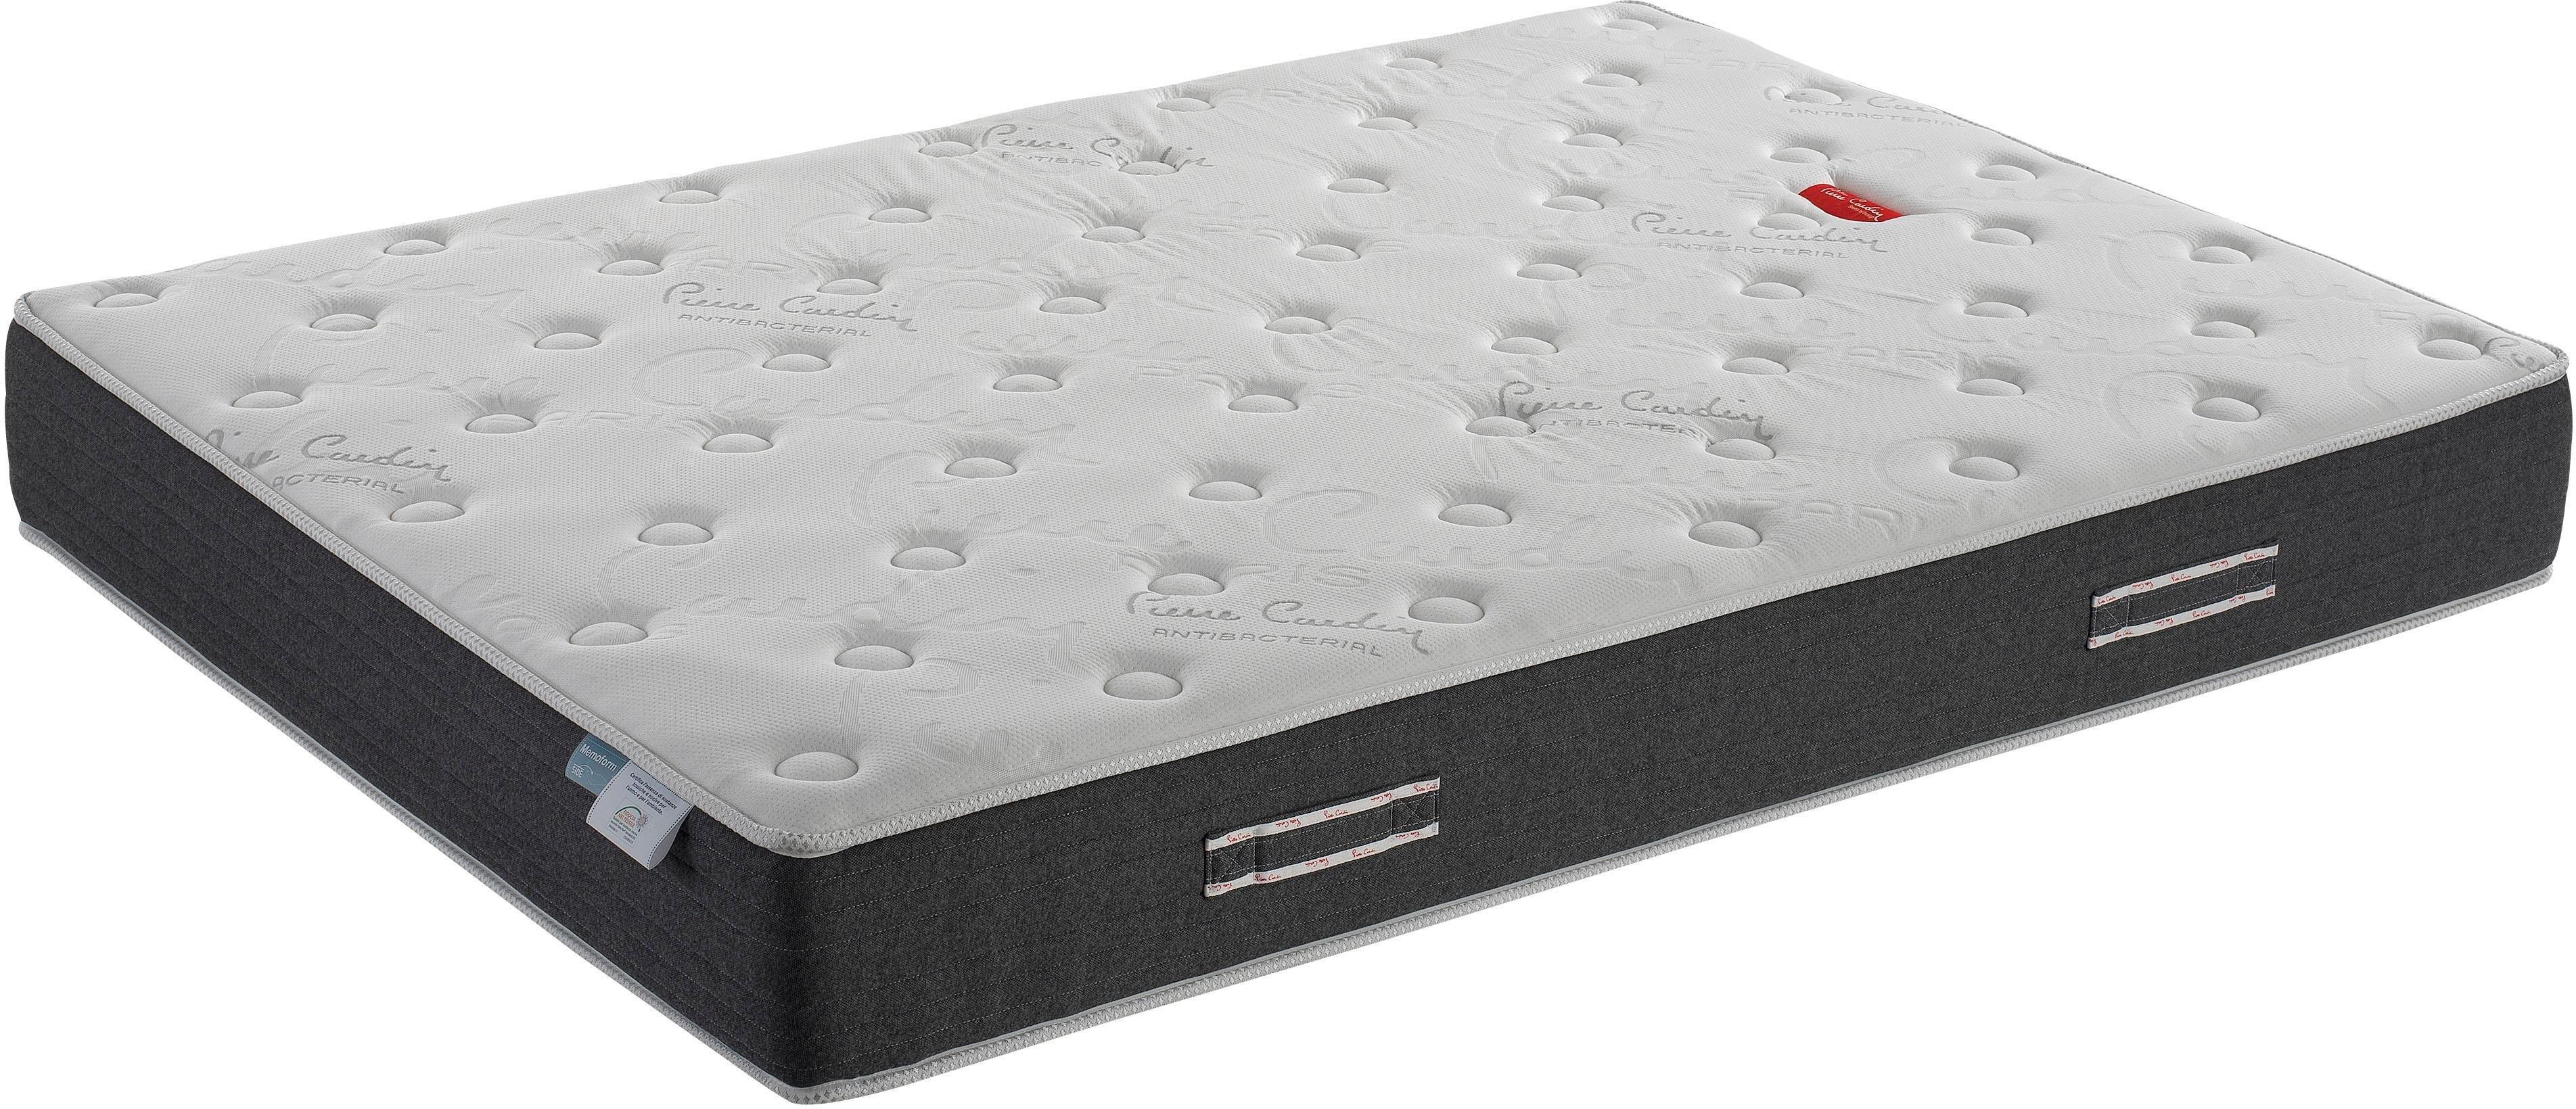 Magniflex Linea Pierre Cardin comfortschuimmatras PC Aqua Gel hoogte 24 cm bij OTTO online kopen